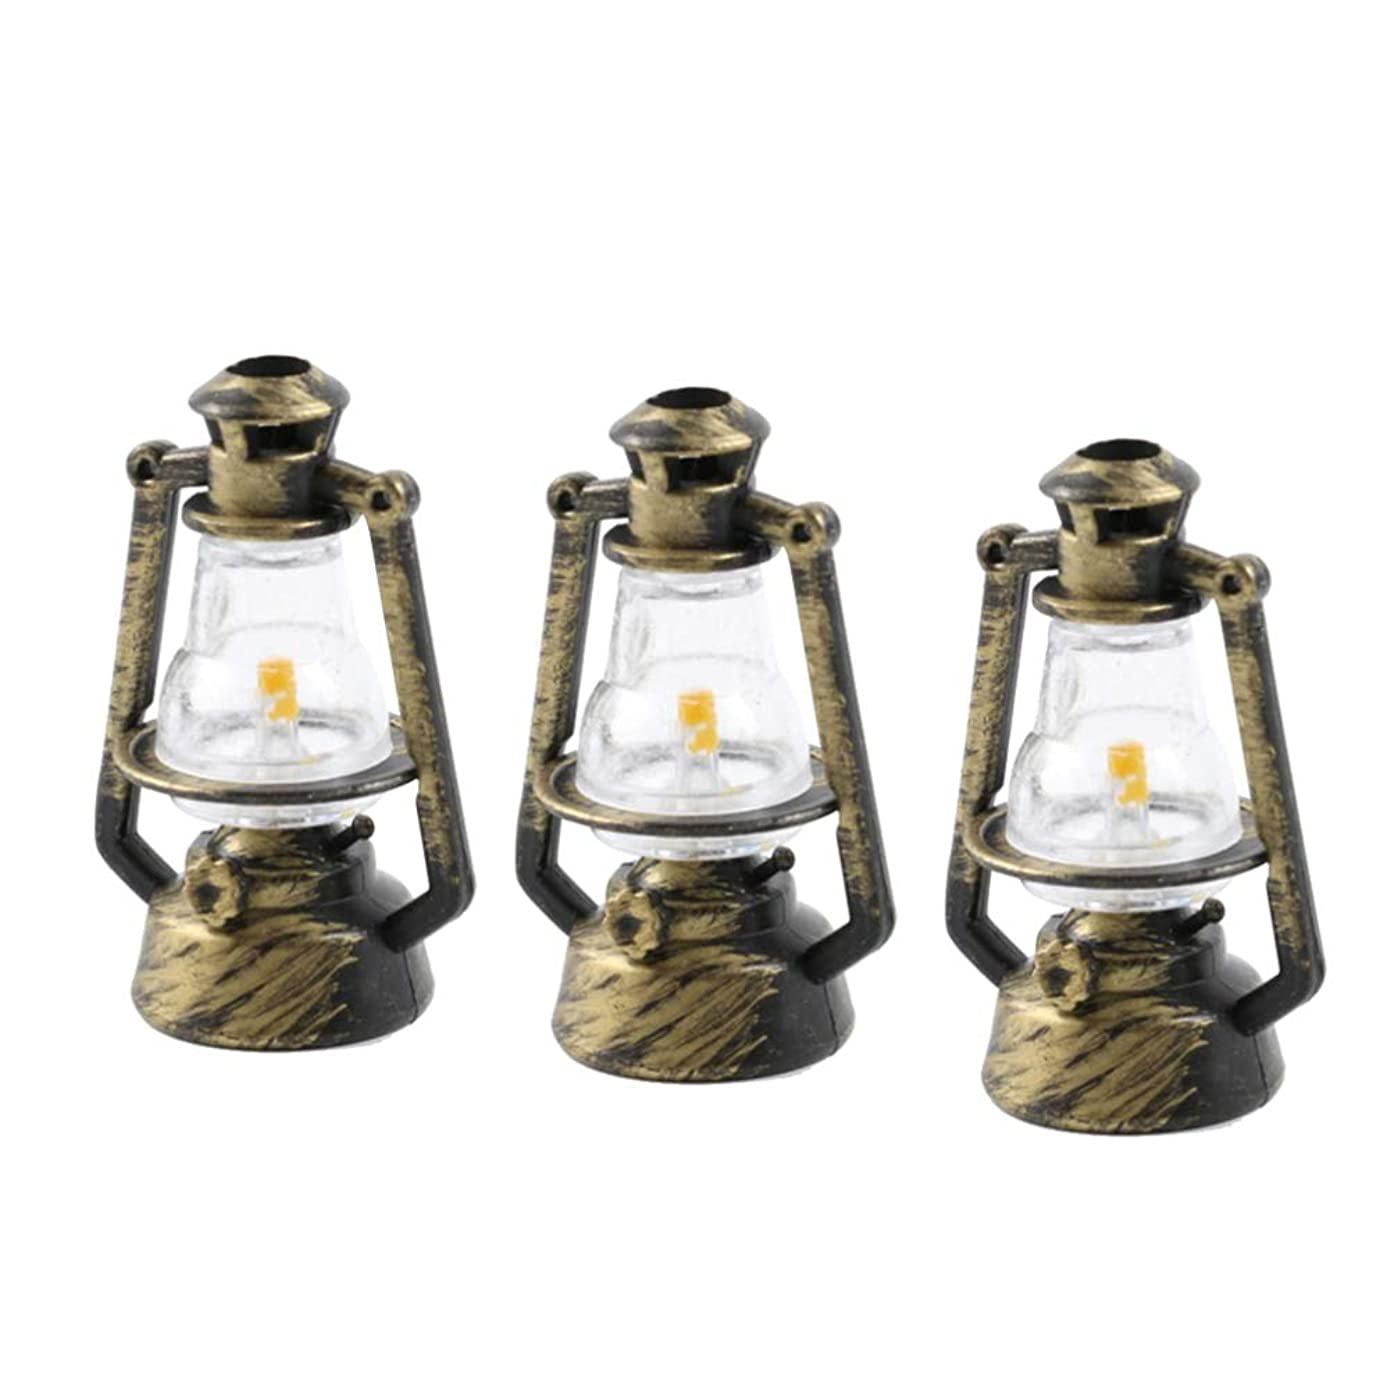 情熱紳士削除するHealifty オイルランタンデスクトップ装飾レトロ灯油ランプ用ホーム寝室の装飾写真撮影の小道具6ピース